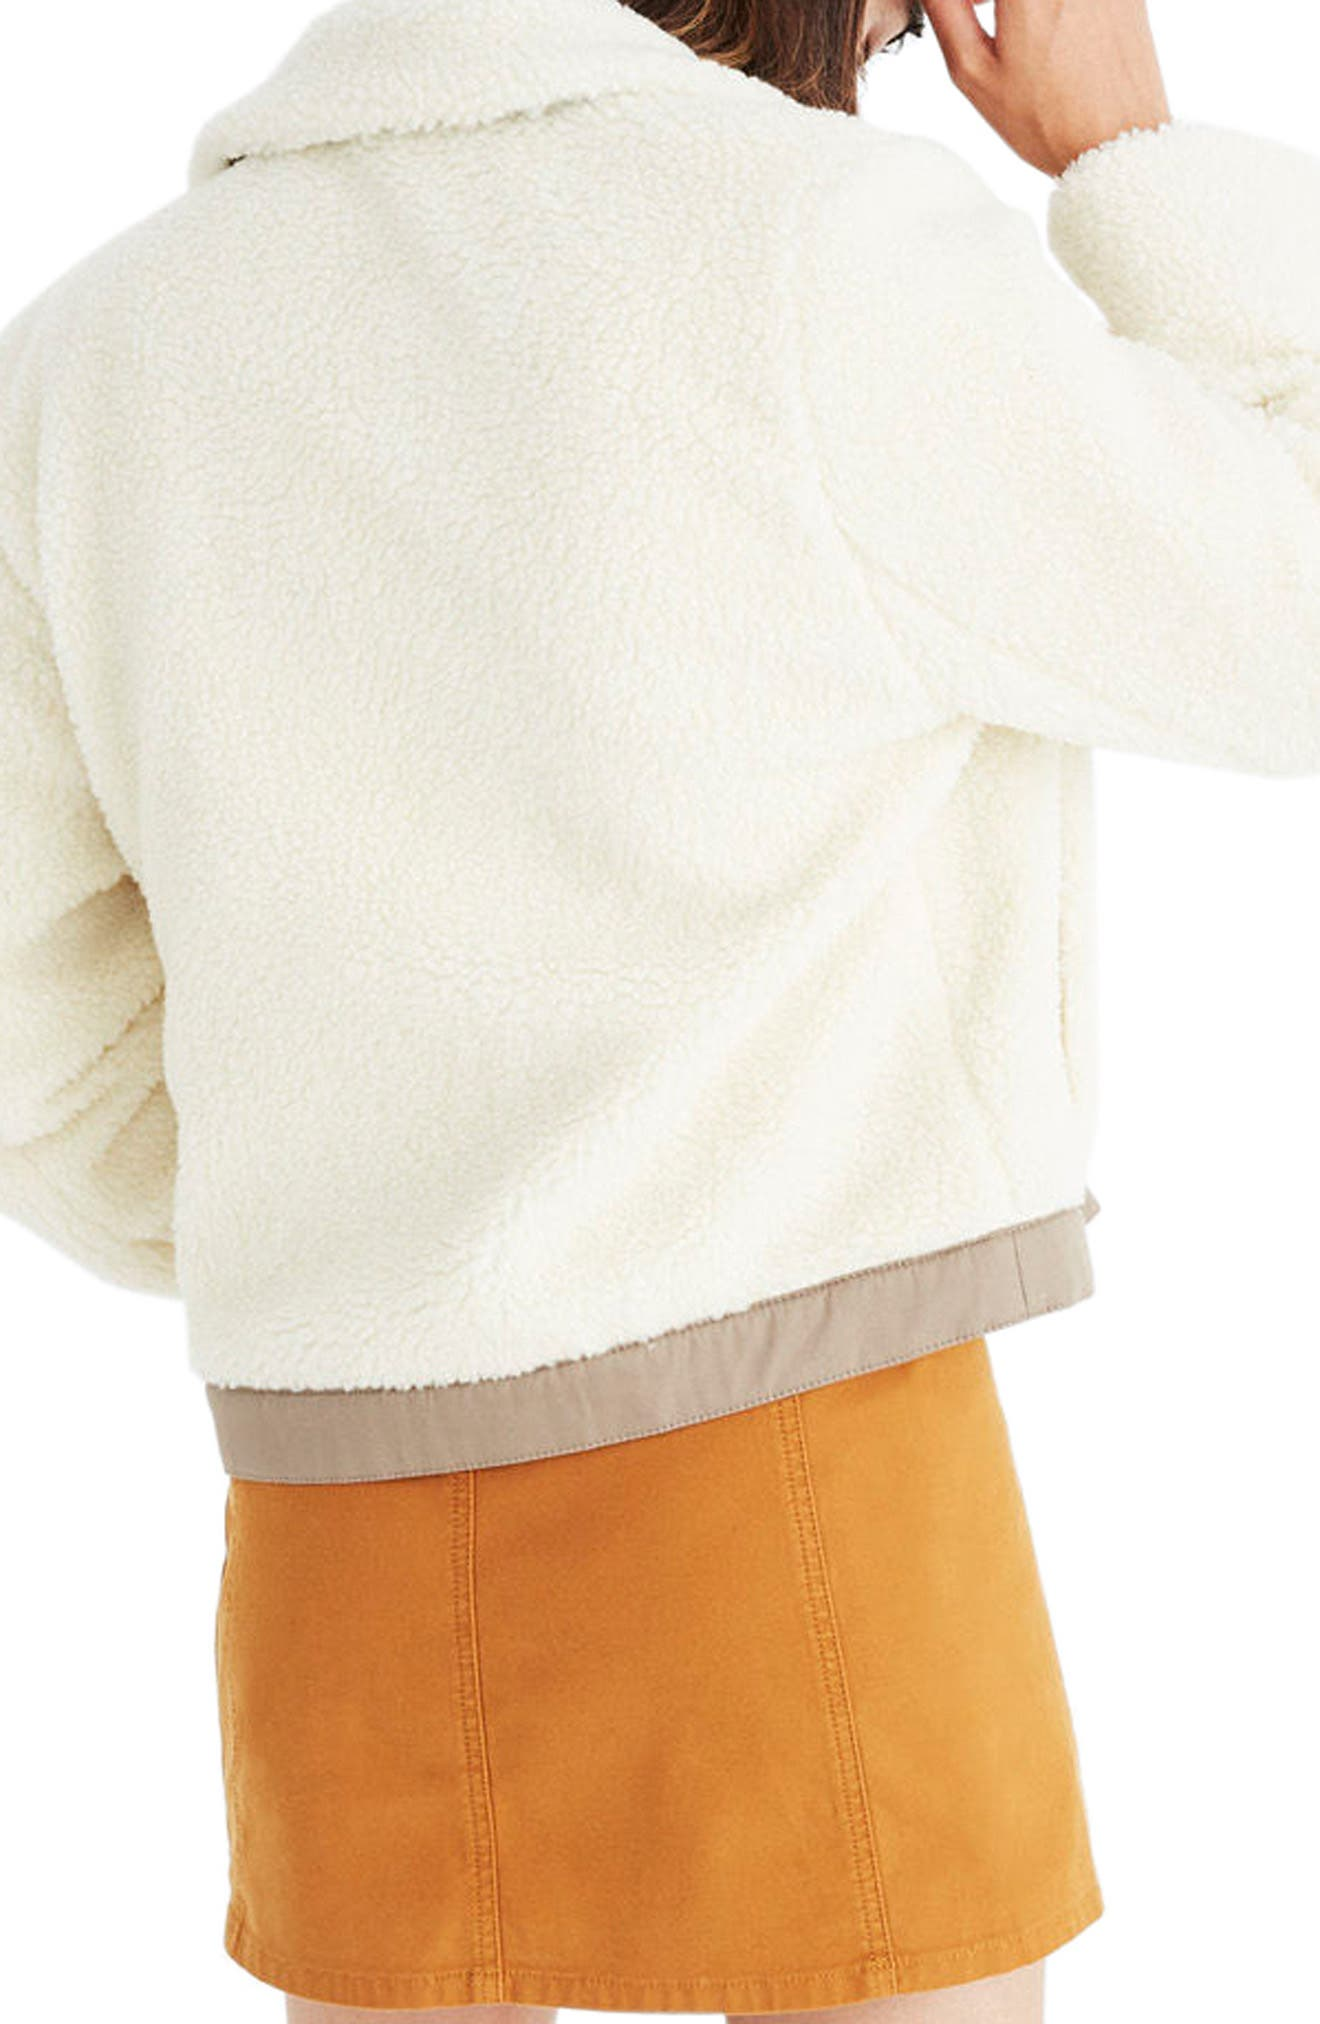 Portland Fleece Jacket,                             Main thumbnail 1, color,                             110